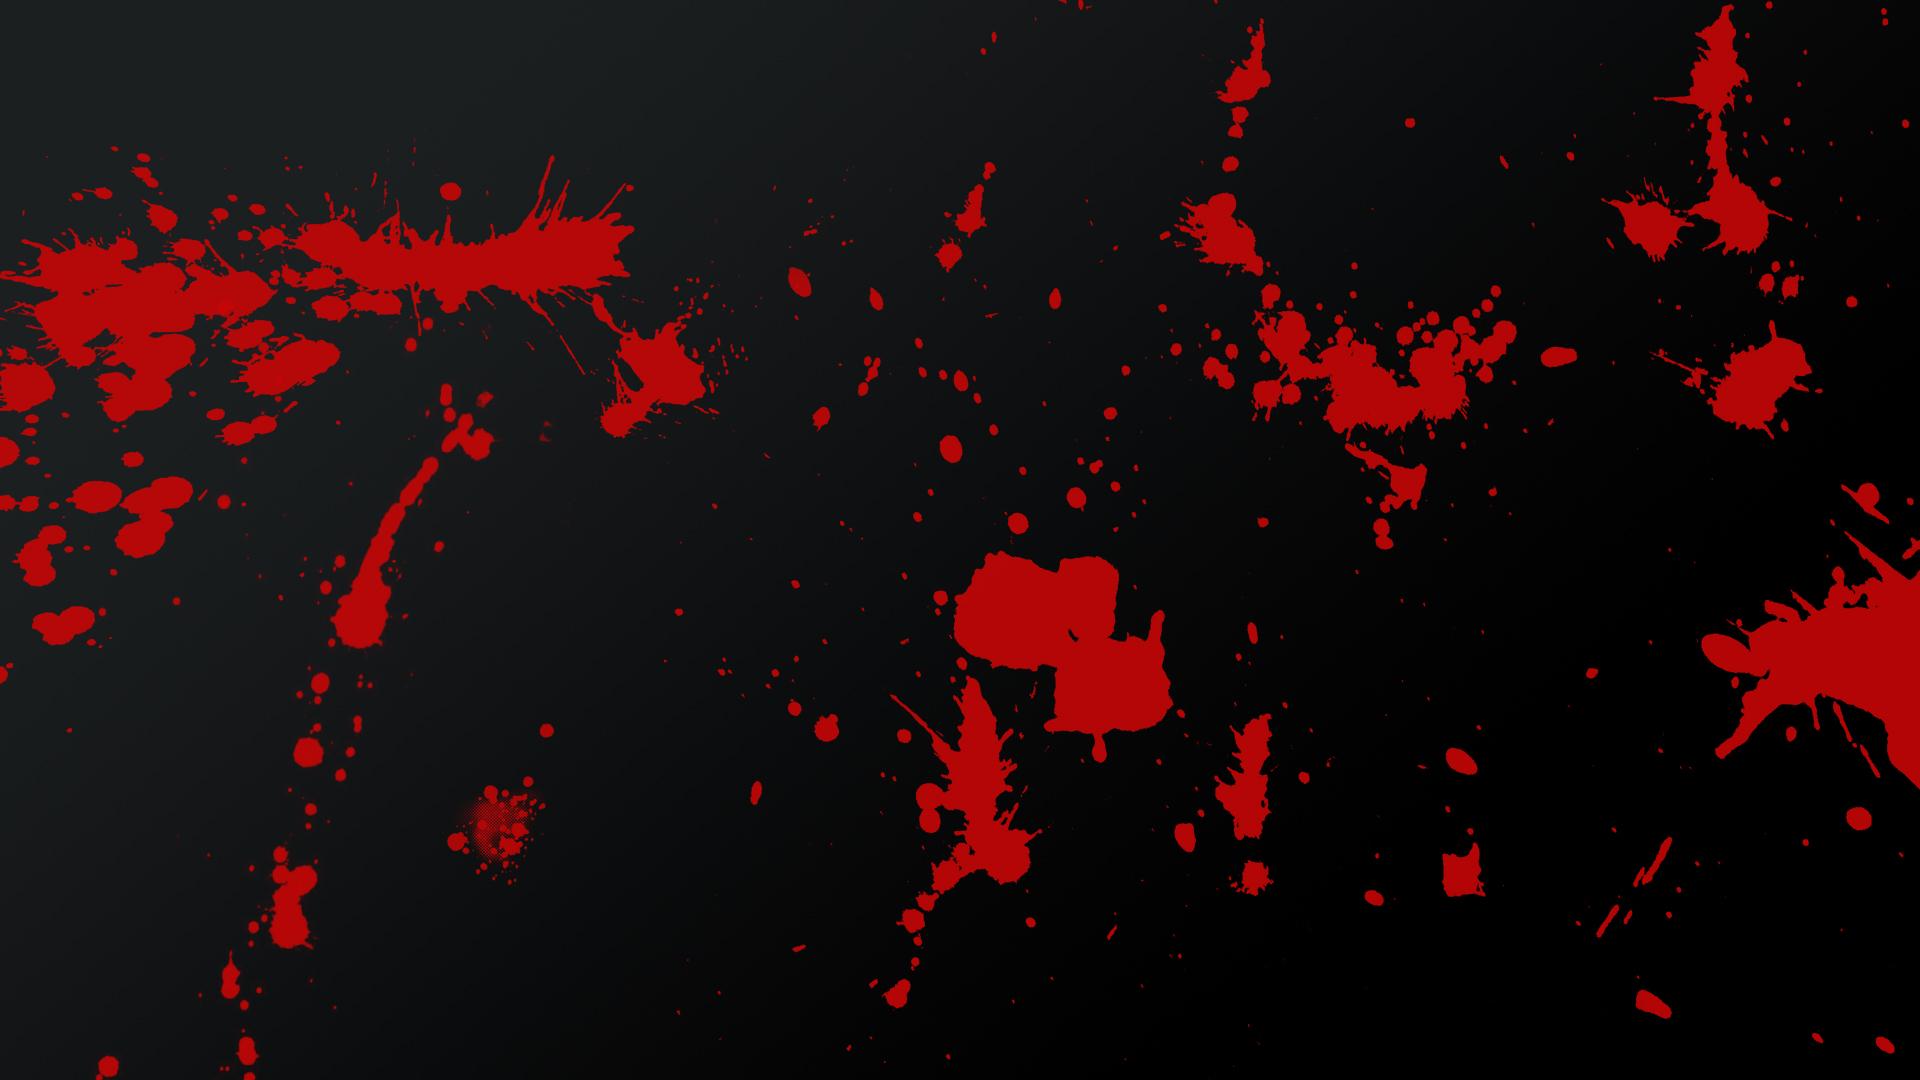 Dexter Blood Splatter Wallpaper Wallpapersafari